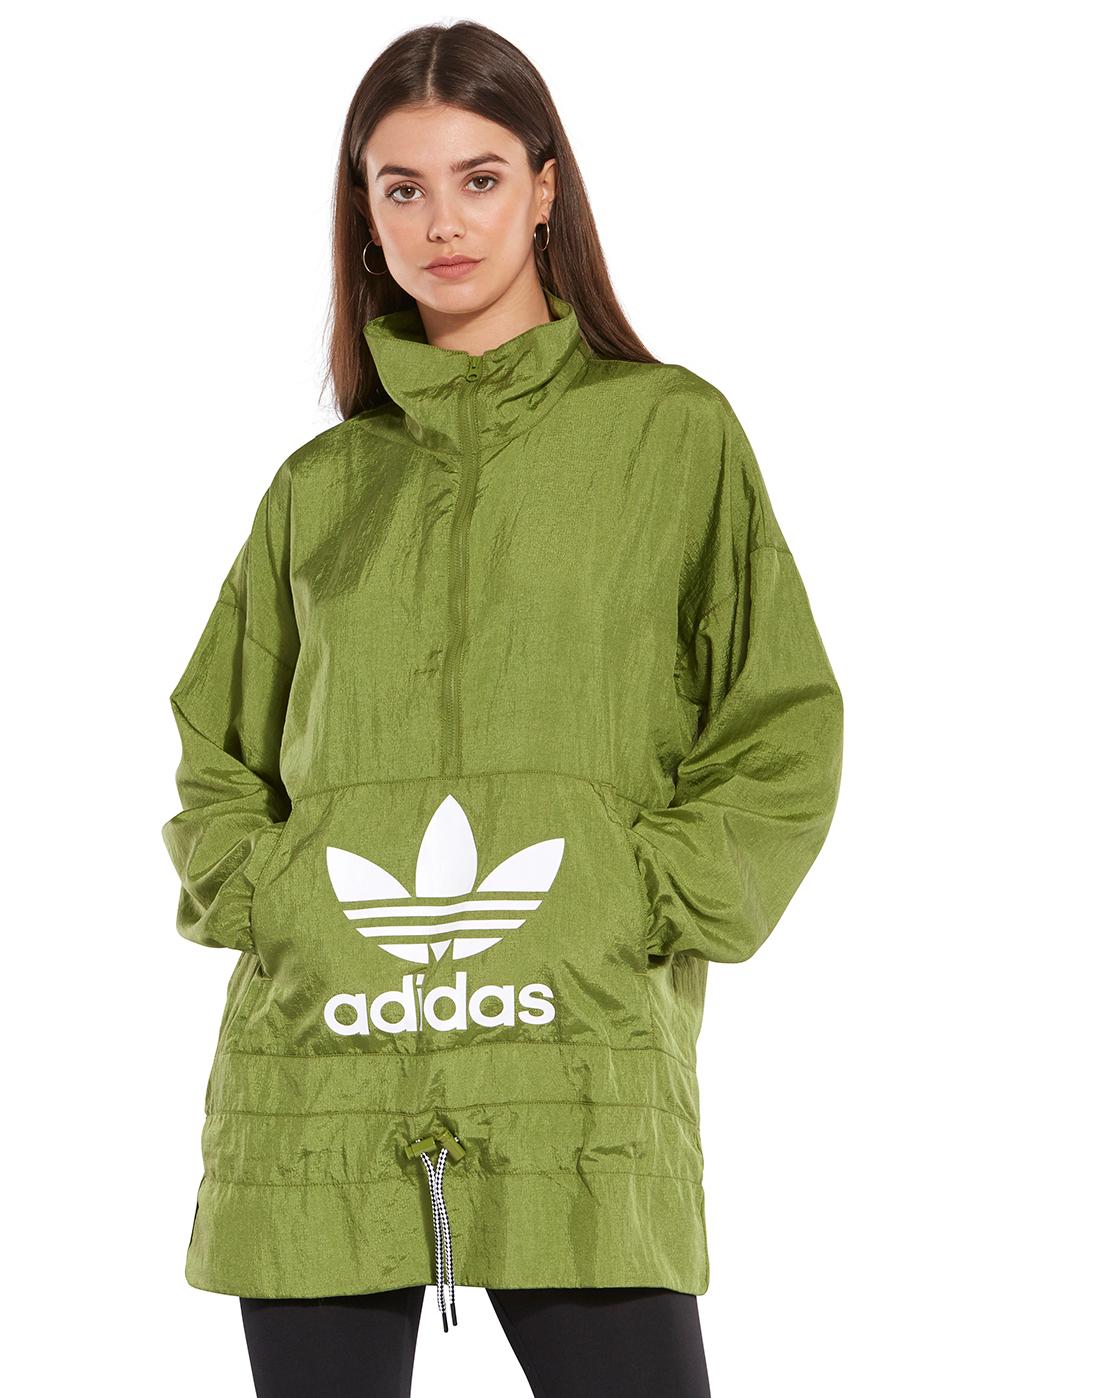 Desagradable Buscar a tientas Galantería  adidas Originals Womens Windbreaker Jacket - Green   Life Style Sports IE